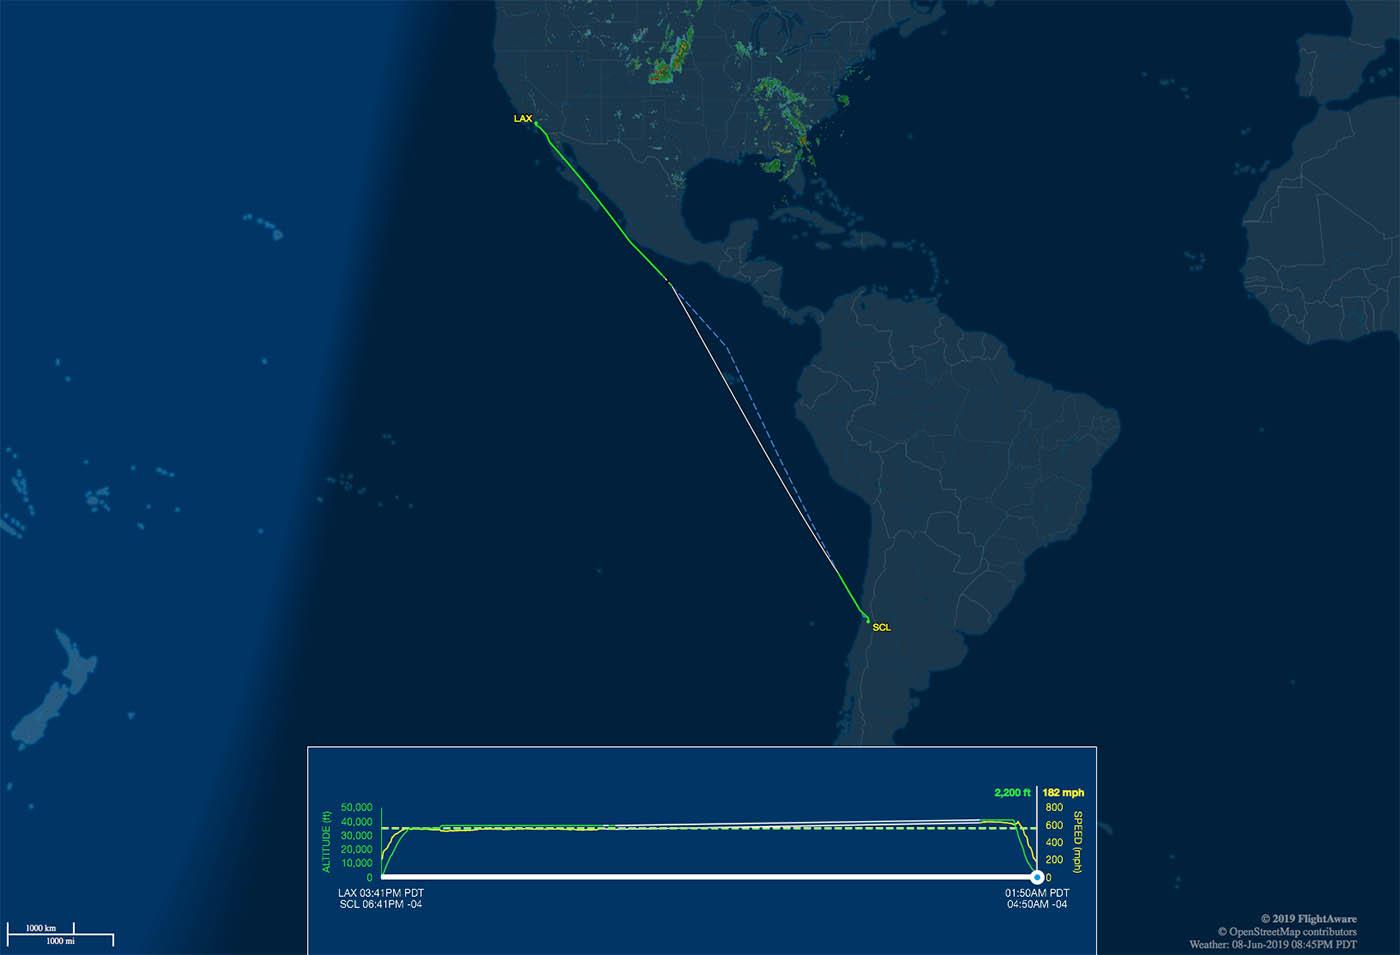 lax-scl flight track